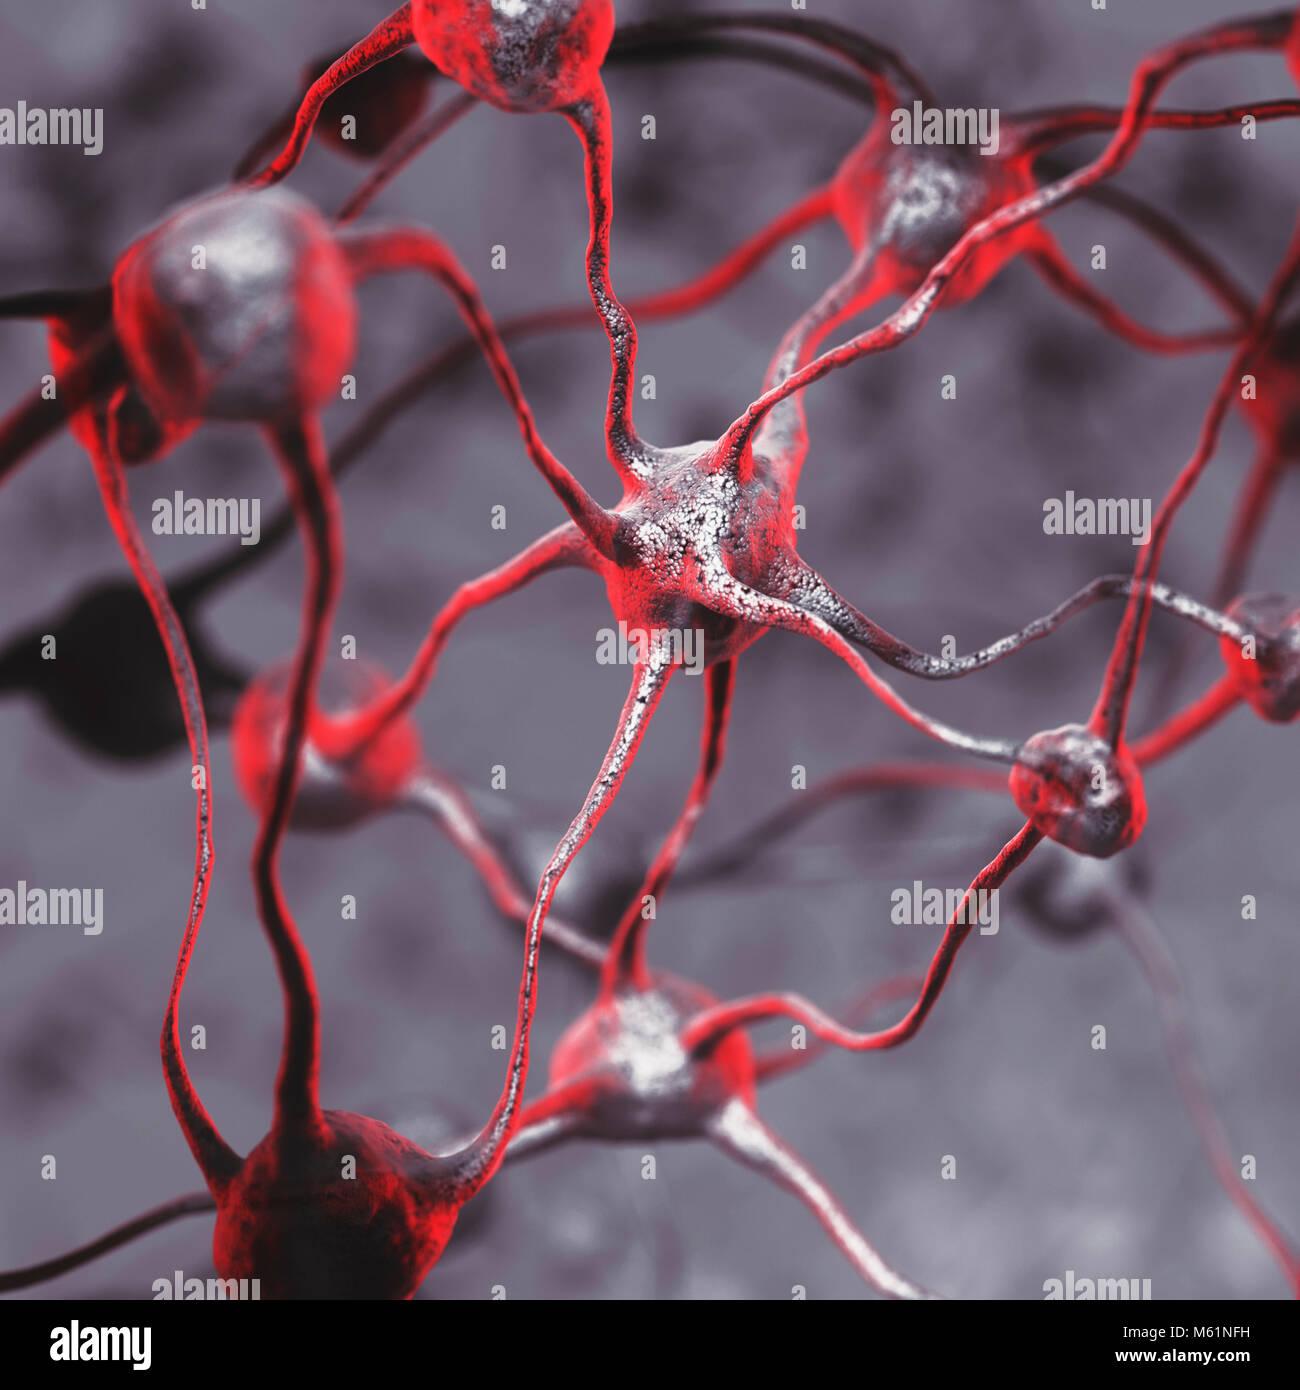 3D-Darstellung eines biologischen neuronalen Netzwerk eines menschlichen Gehirns, vernetzten Nervenzellen, Hirnzellen Stockbild